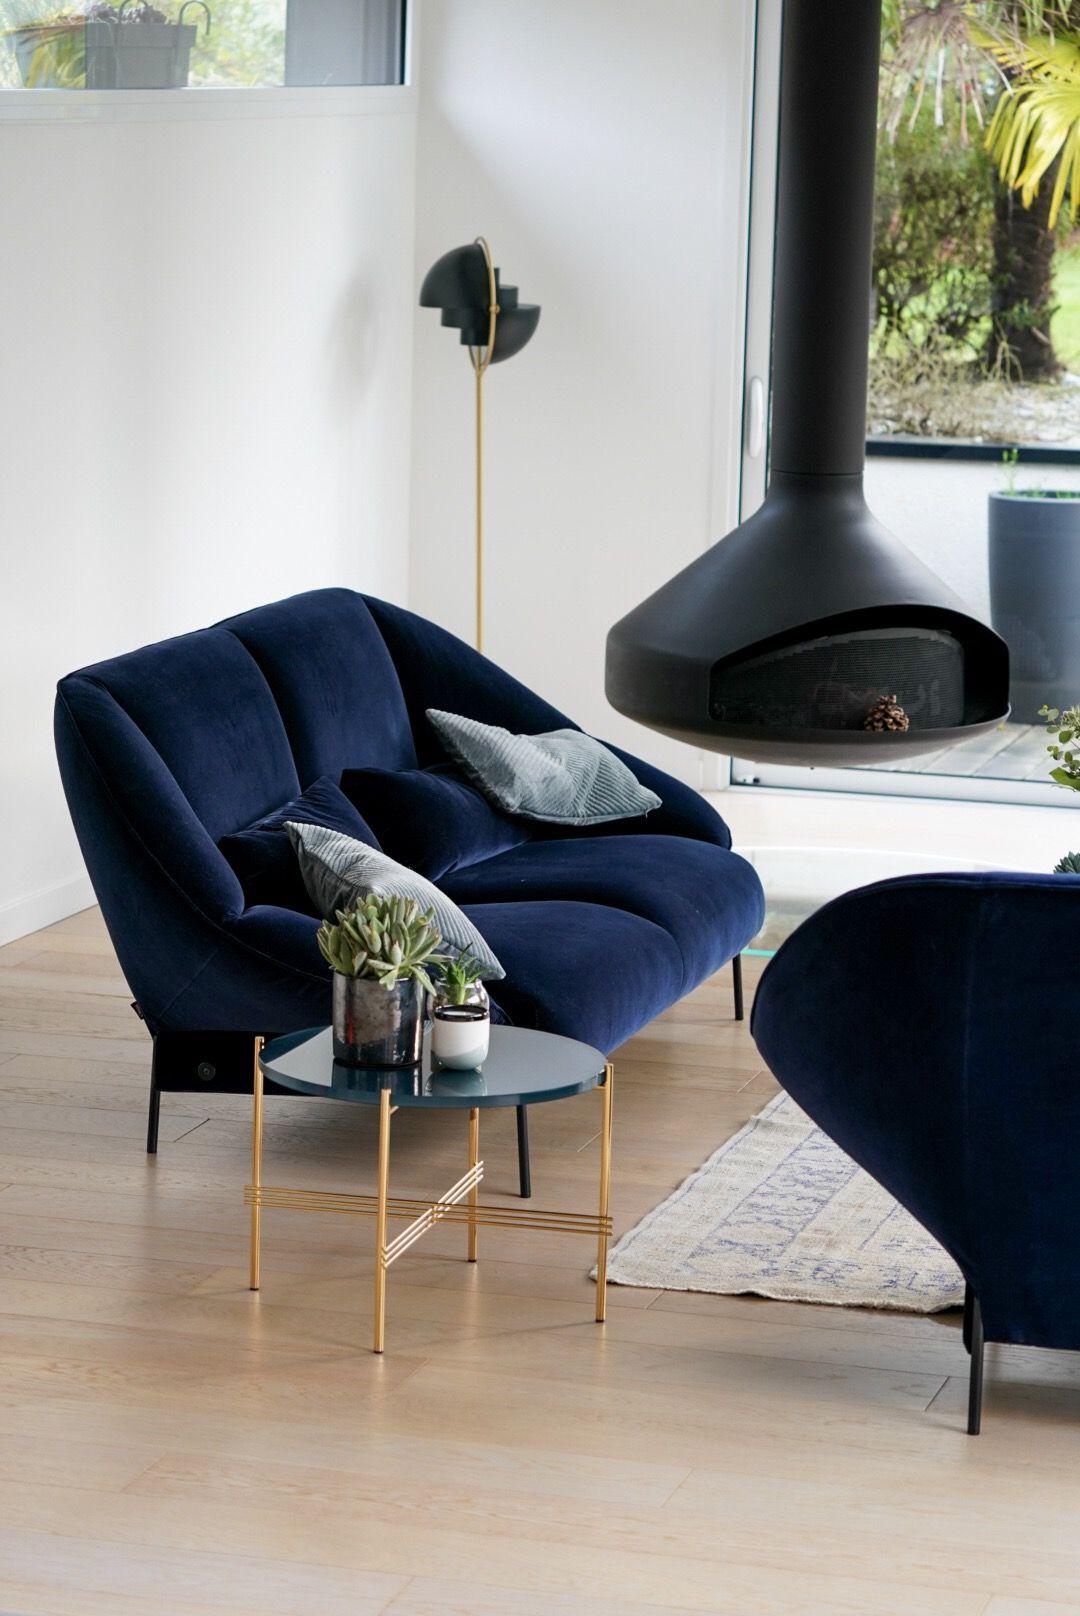 Realisations Salon Canape Decoration Interieure Velours Bleu